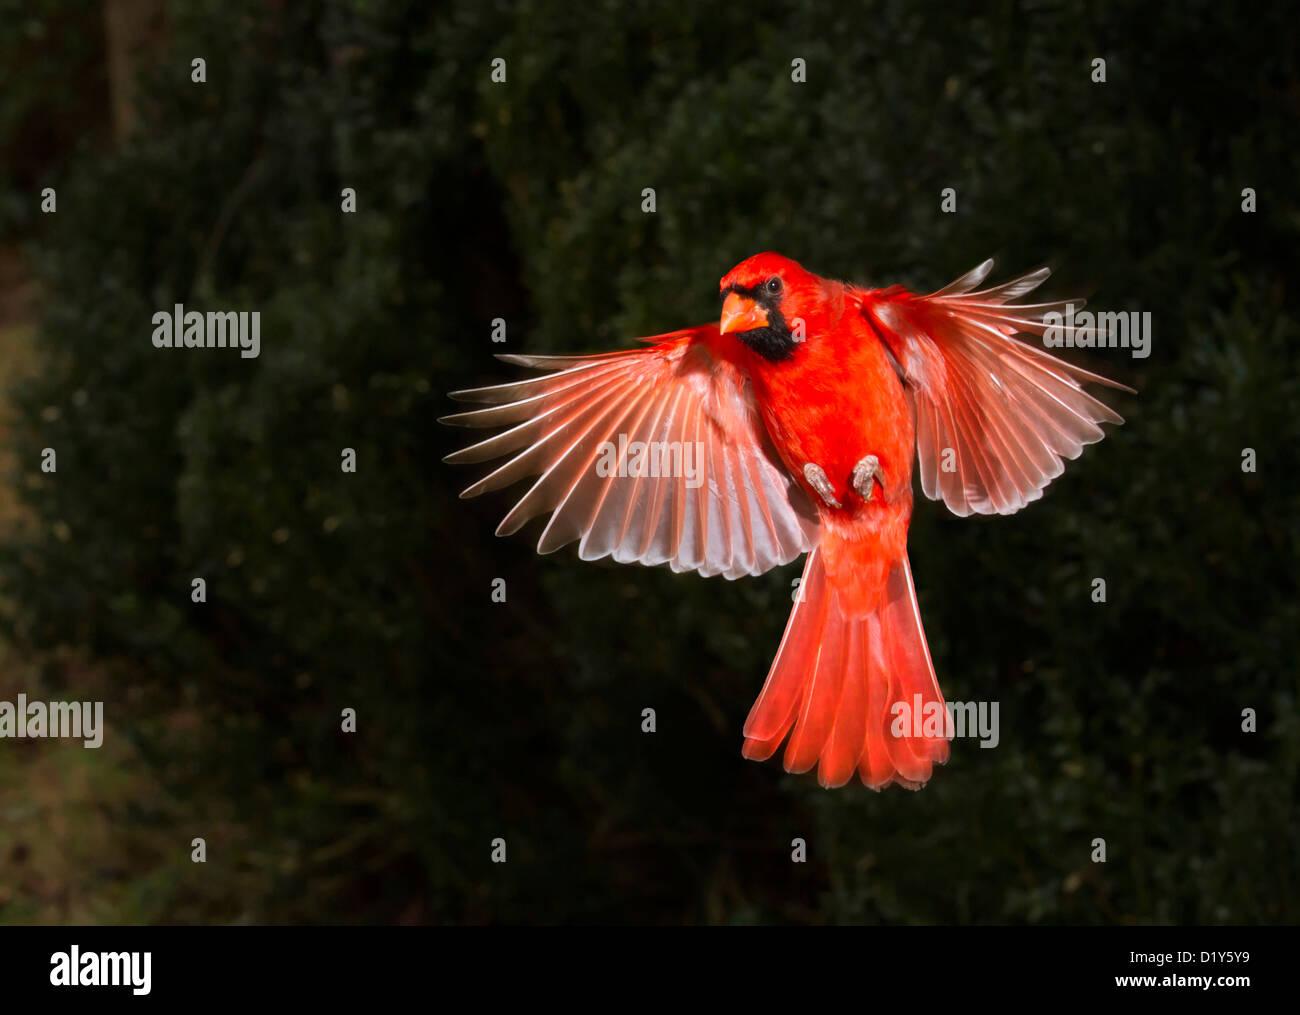 Male northern cardinal (Cardinalis cardinalis) flying (Georgia, USA). - Stock Image